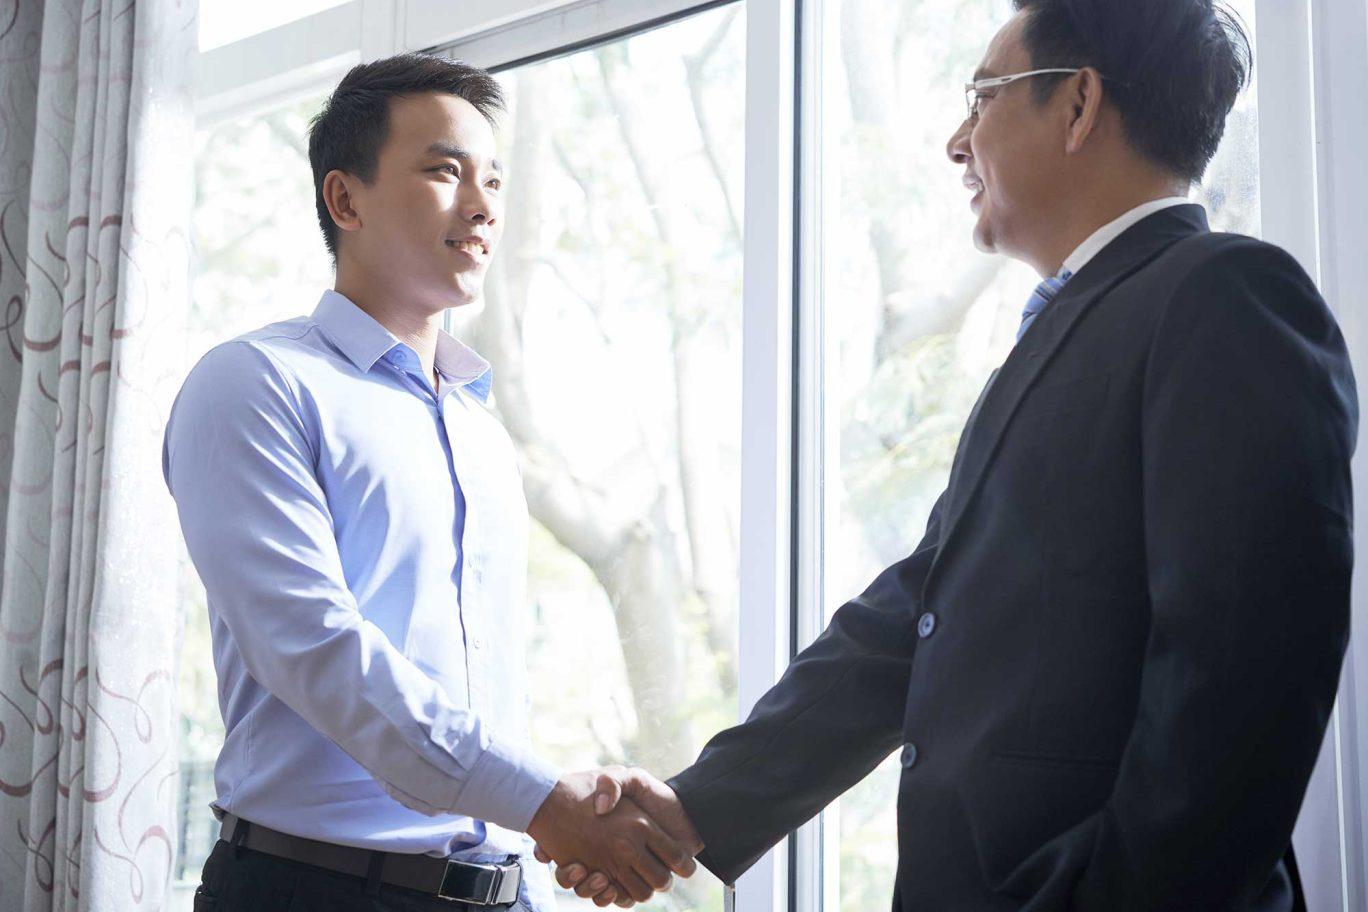 人を雇用したらうまく助成金を受給! 初めて利用する事業主のための基礎知識